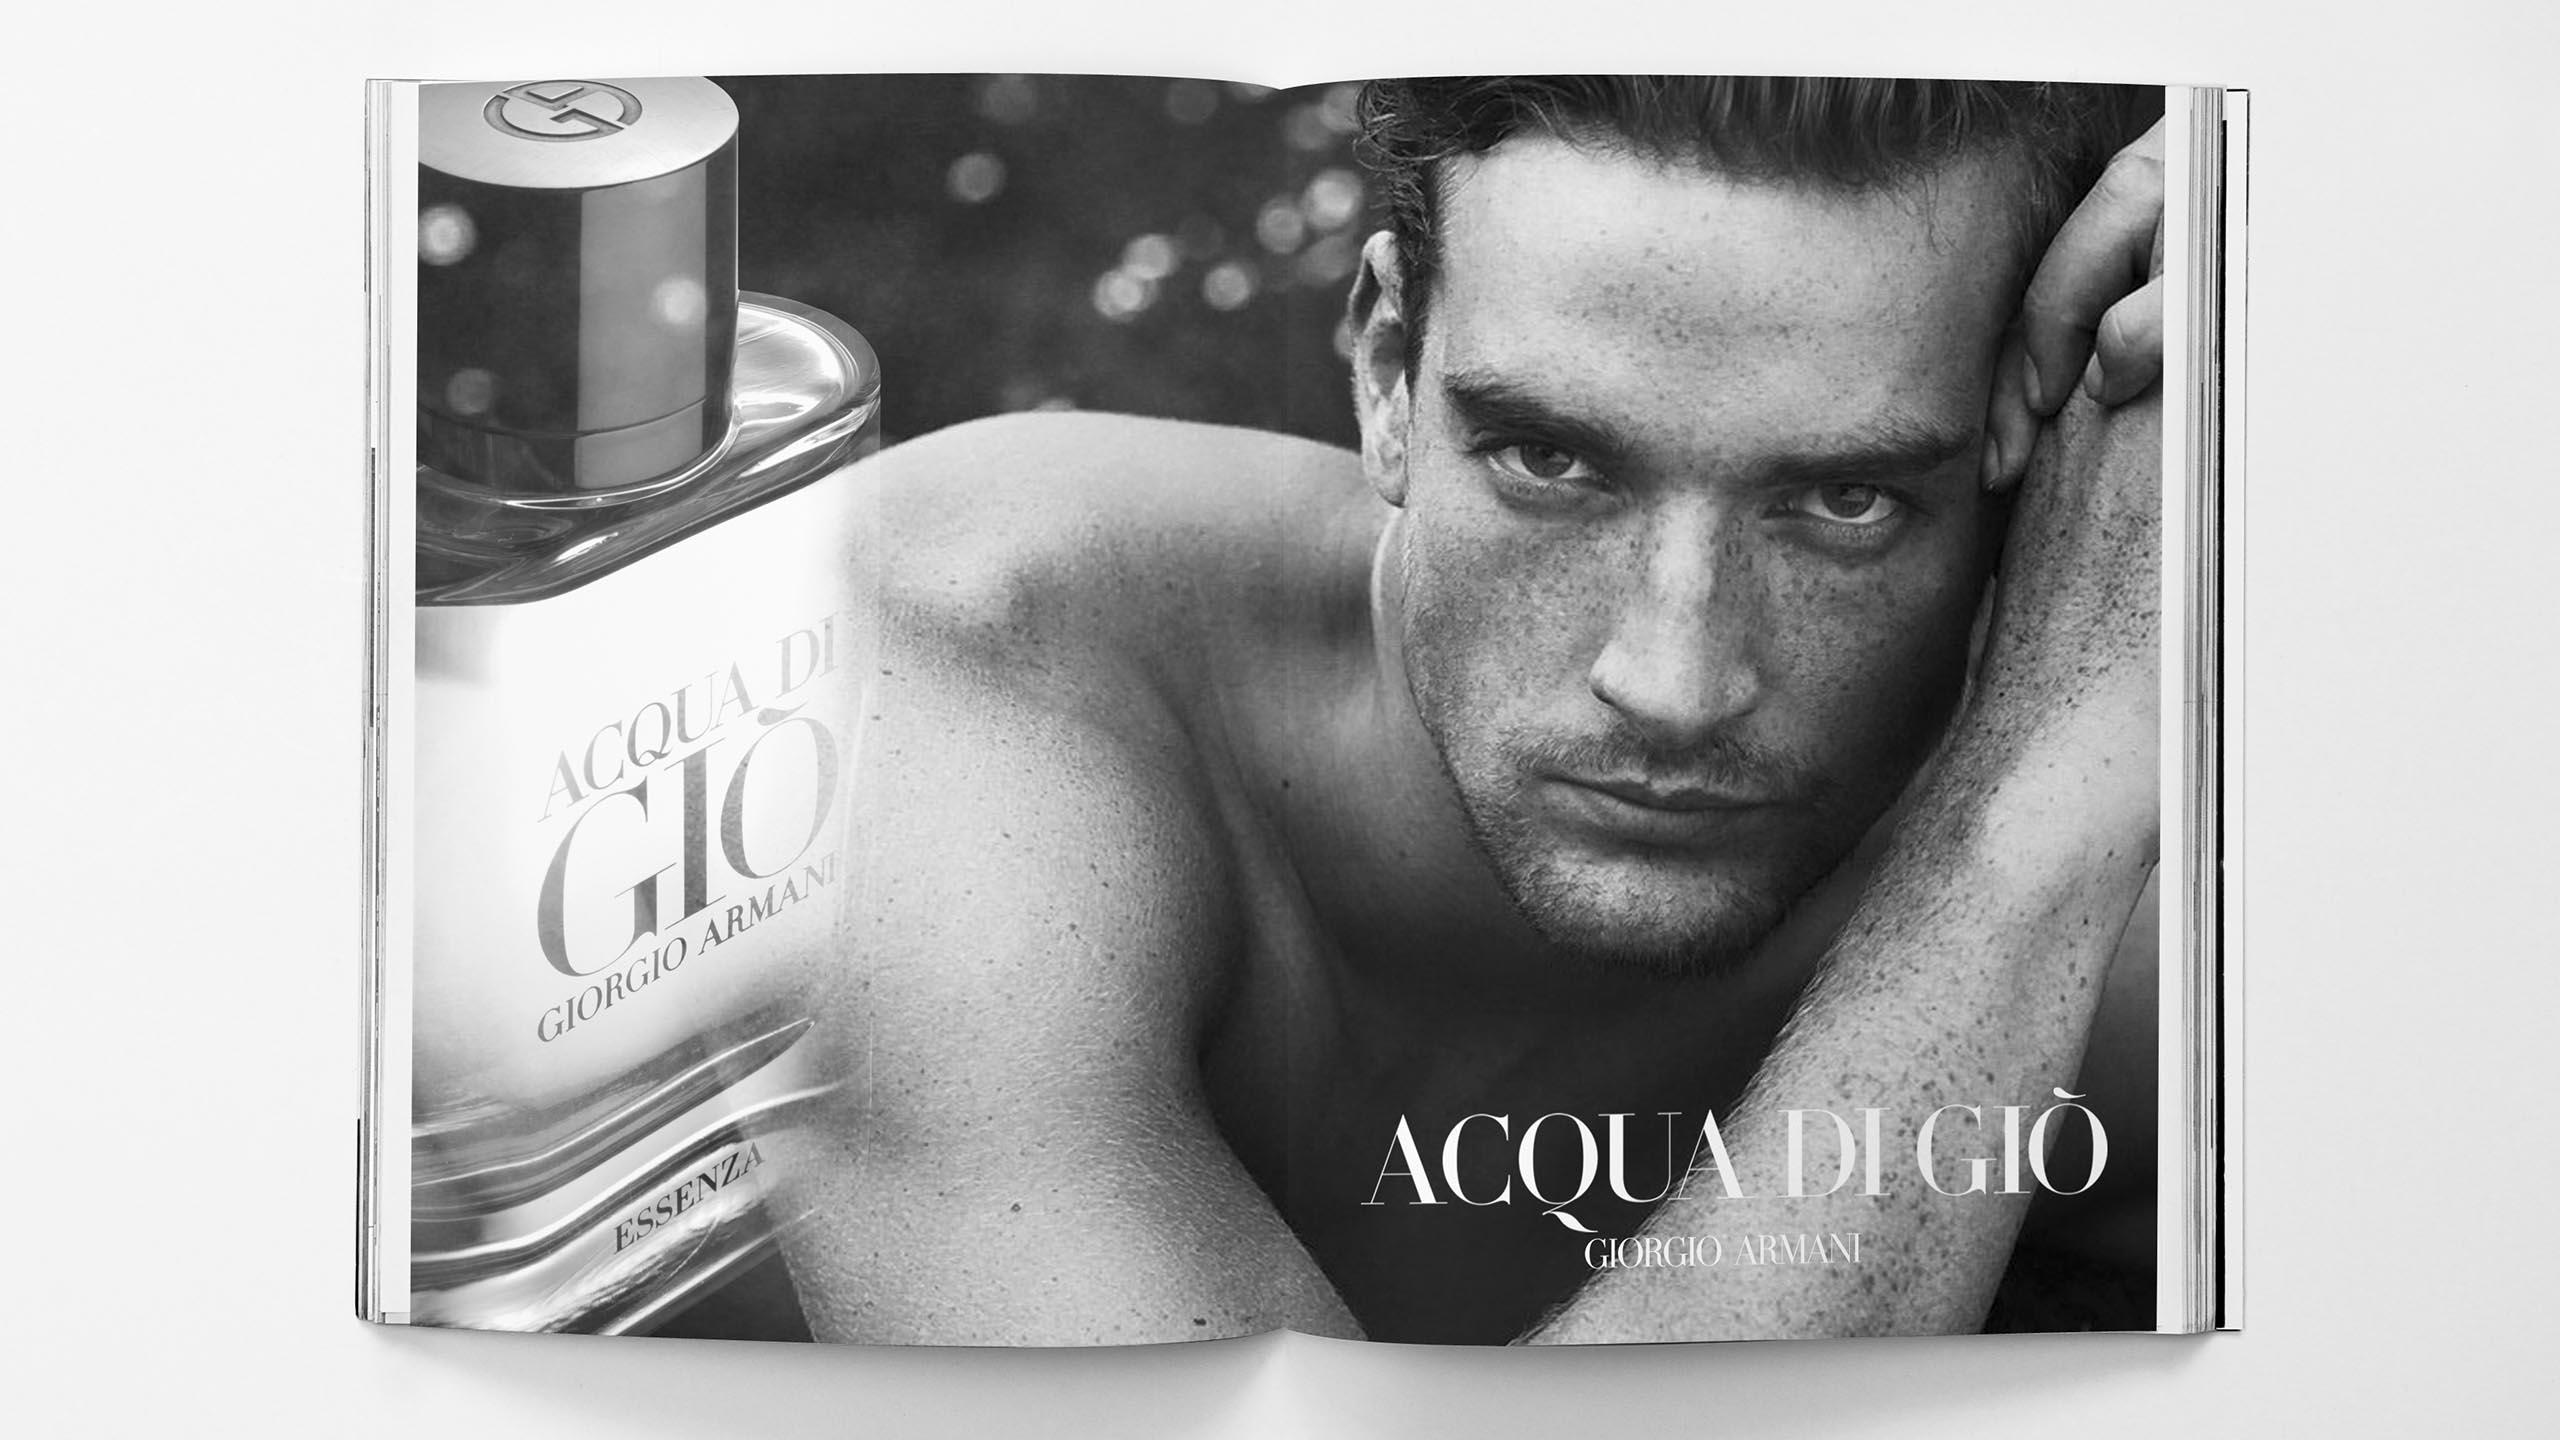 global campaign for Acqua di Gio